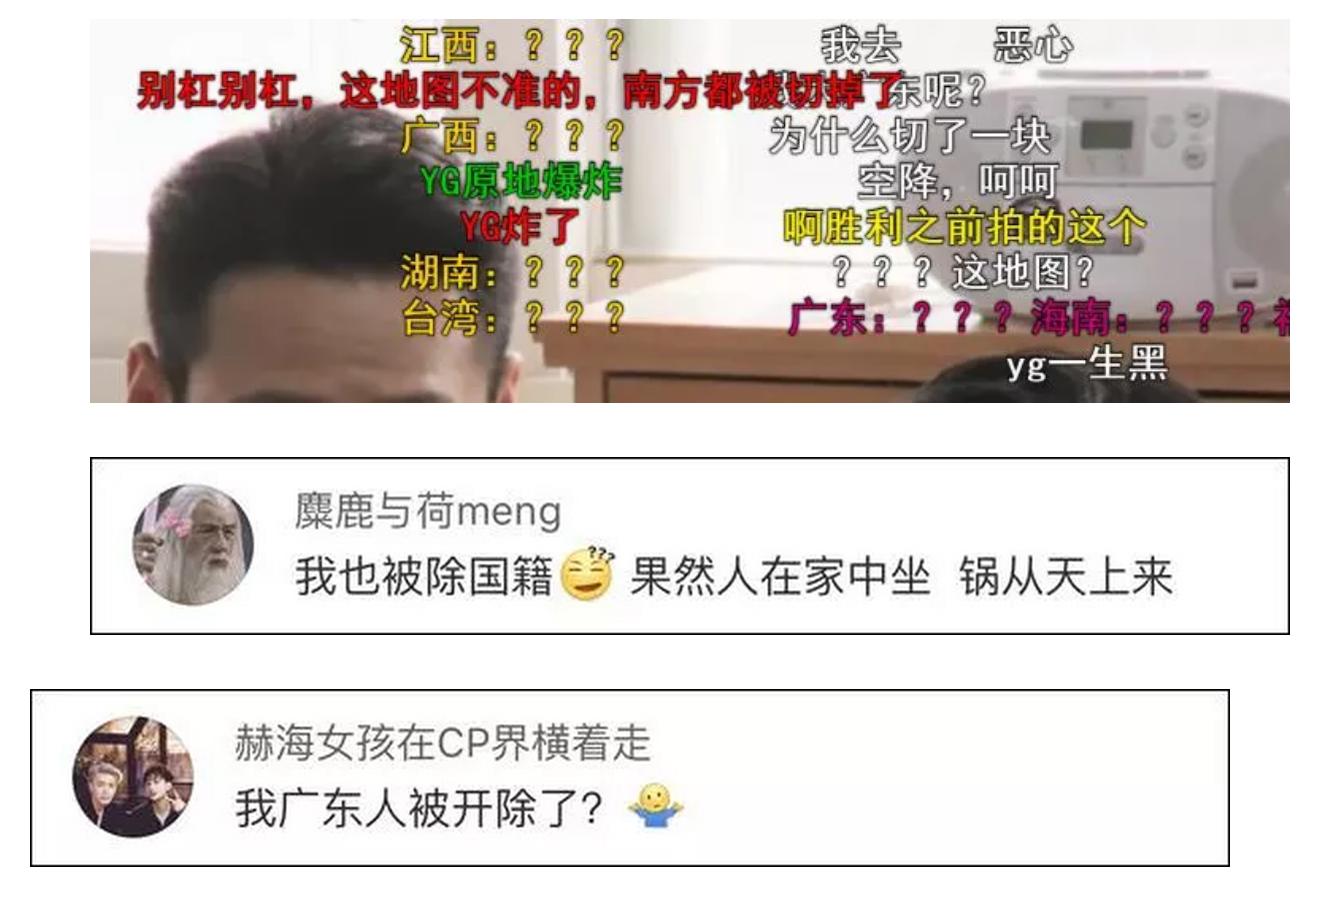 韩国节目公然辱华事件始末细节曝光 韩国节目